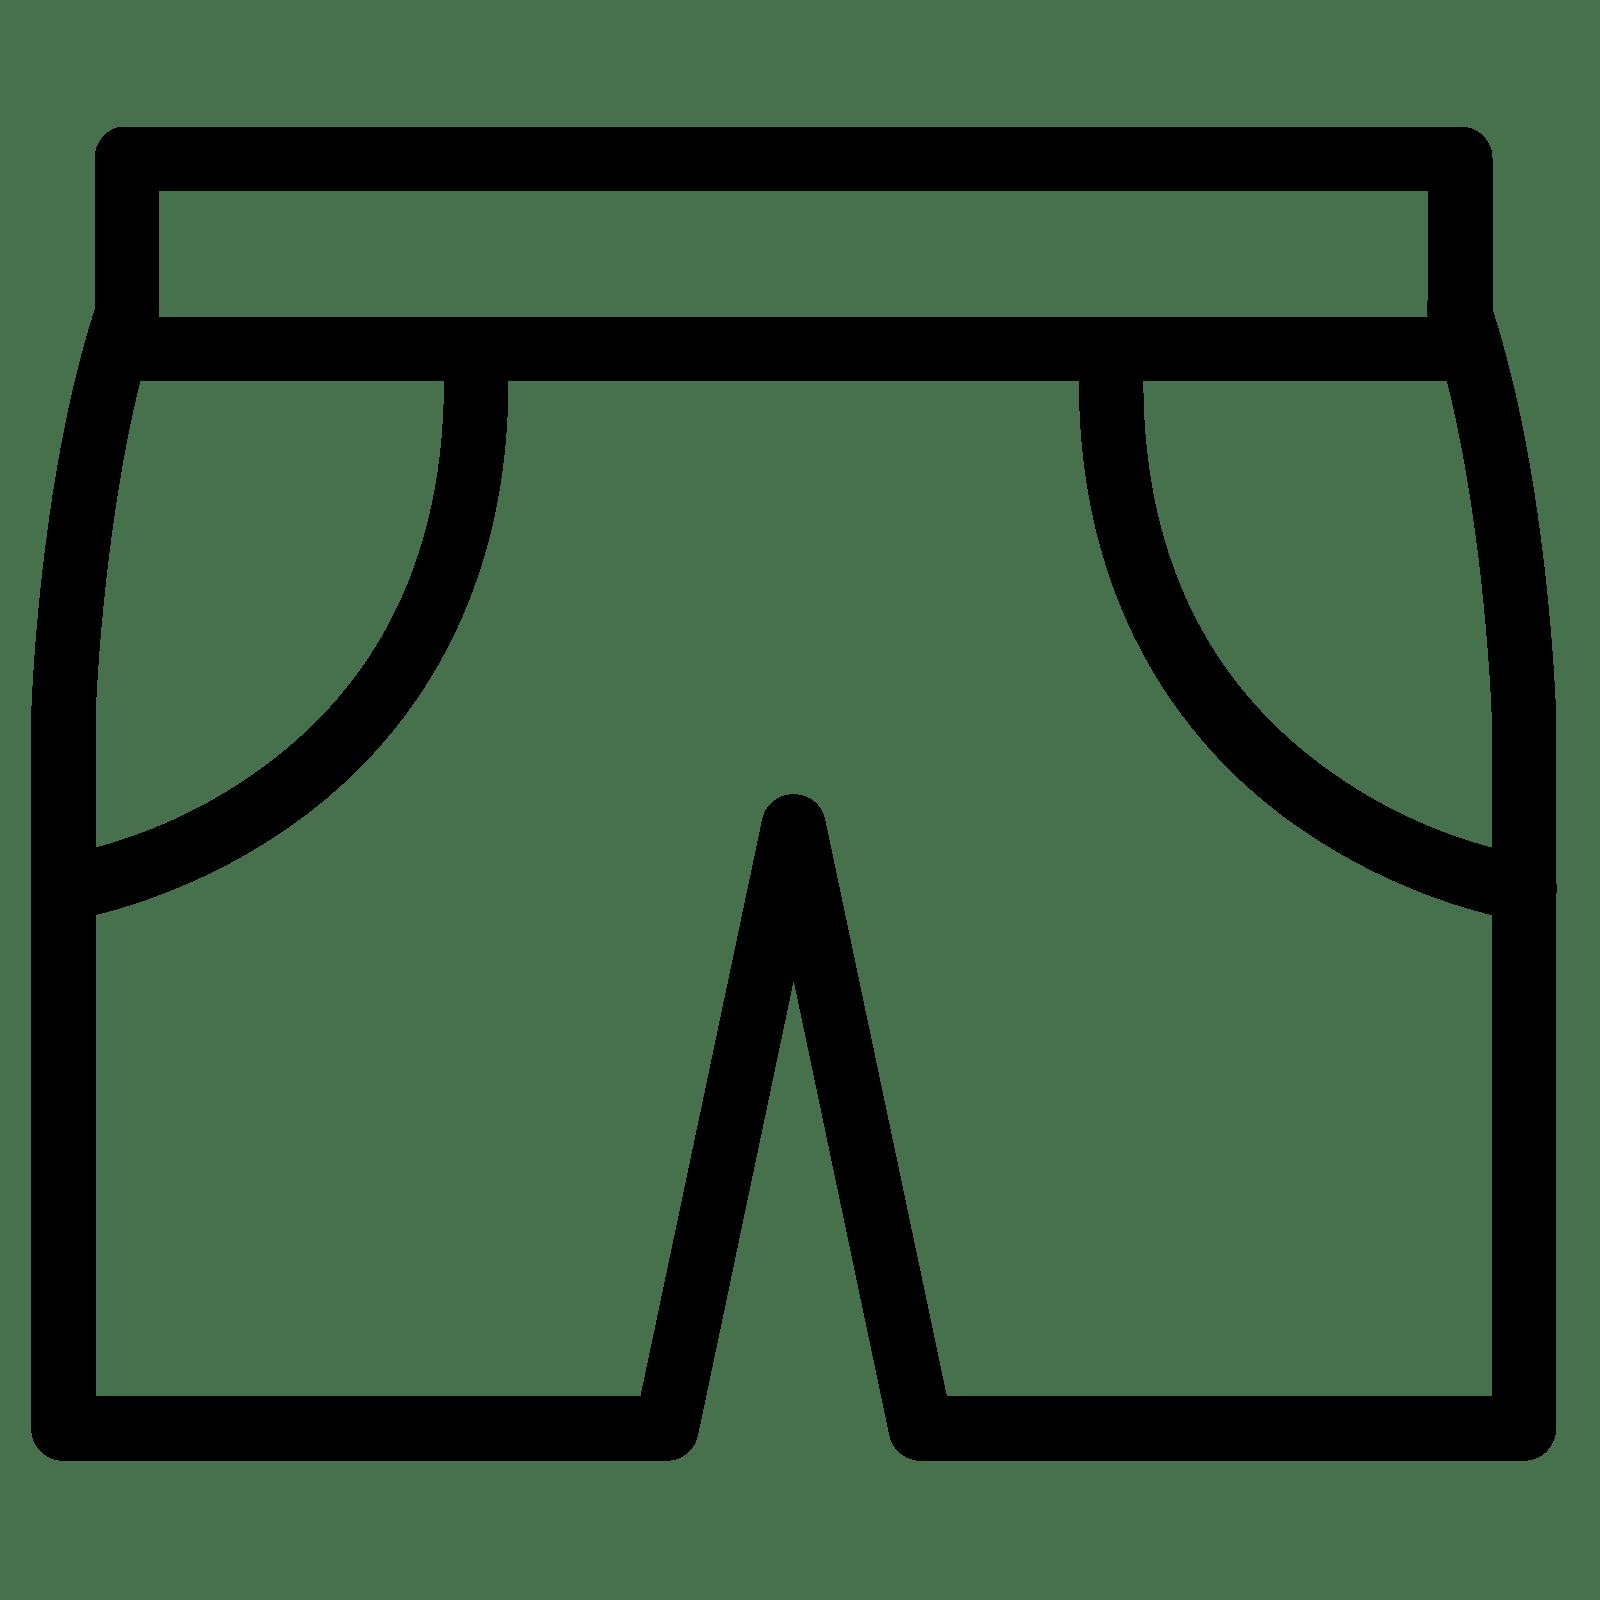 Kurze Hose PNG Transparent Kurze Hose.PNG Images.   PlusPNG